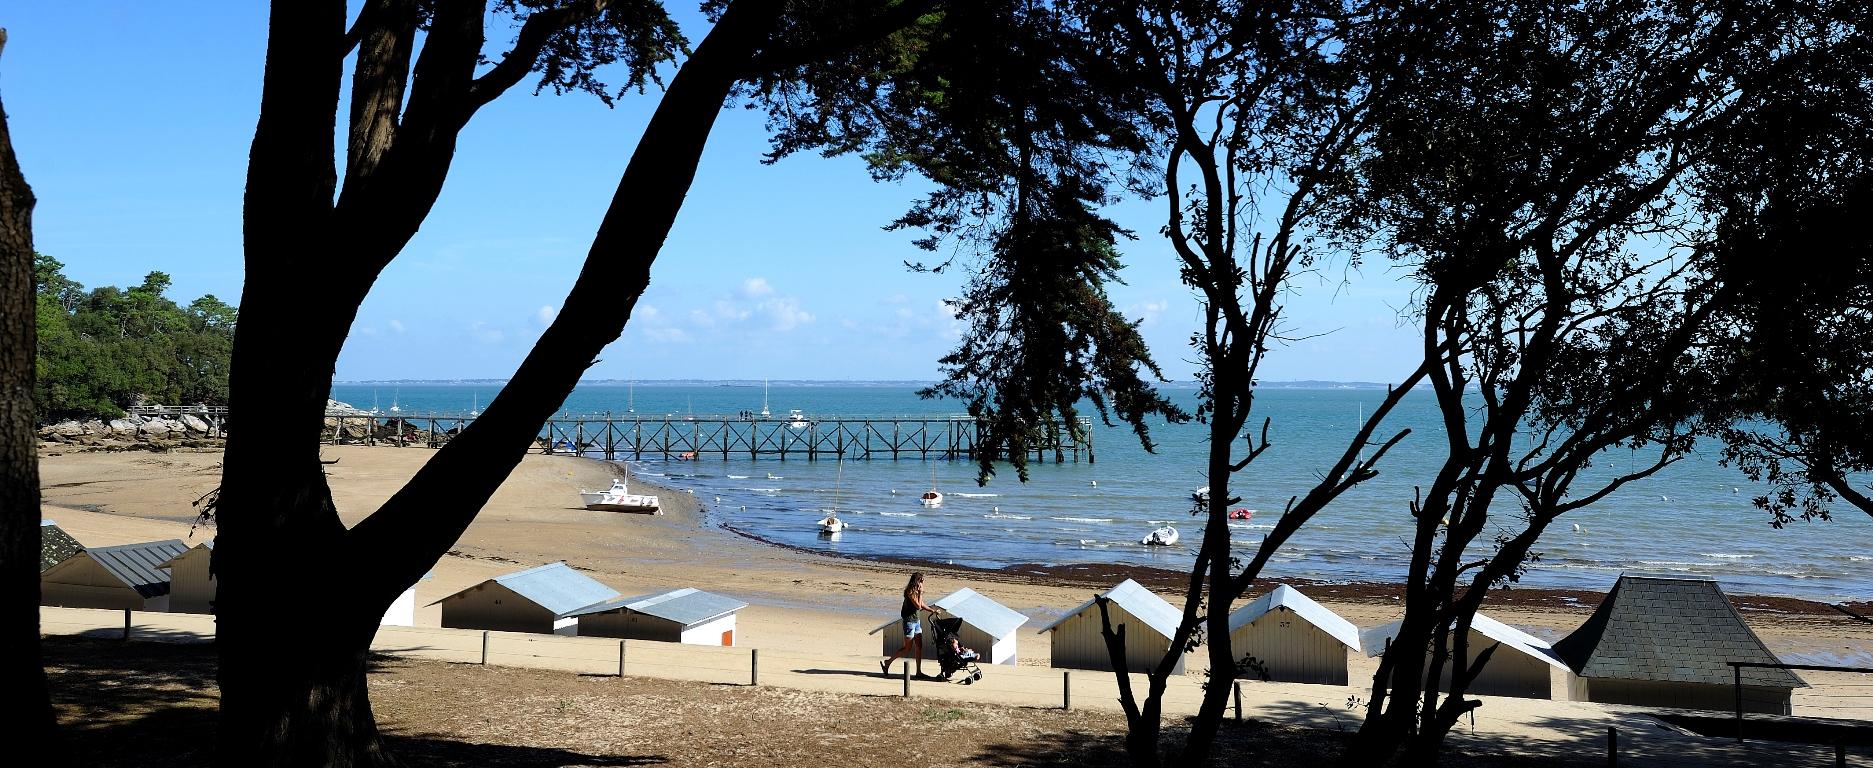 Plage et piscine en Vendée